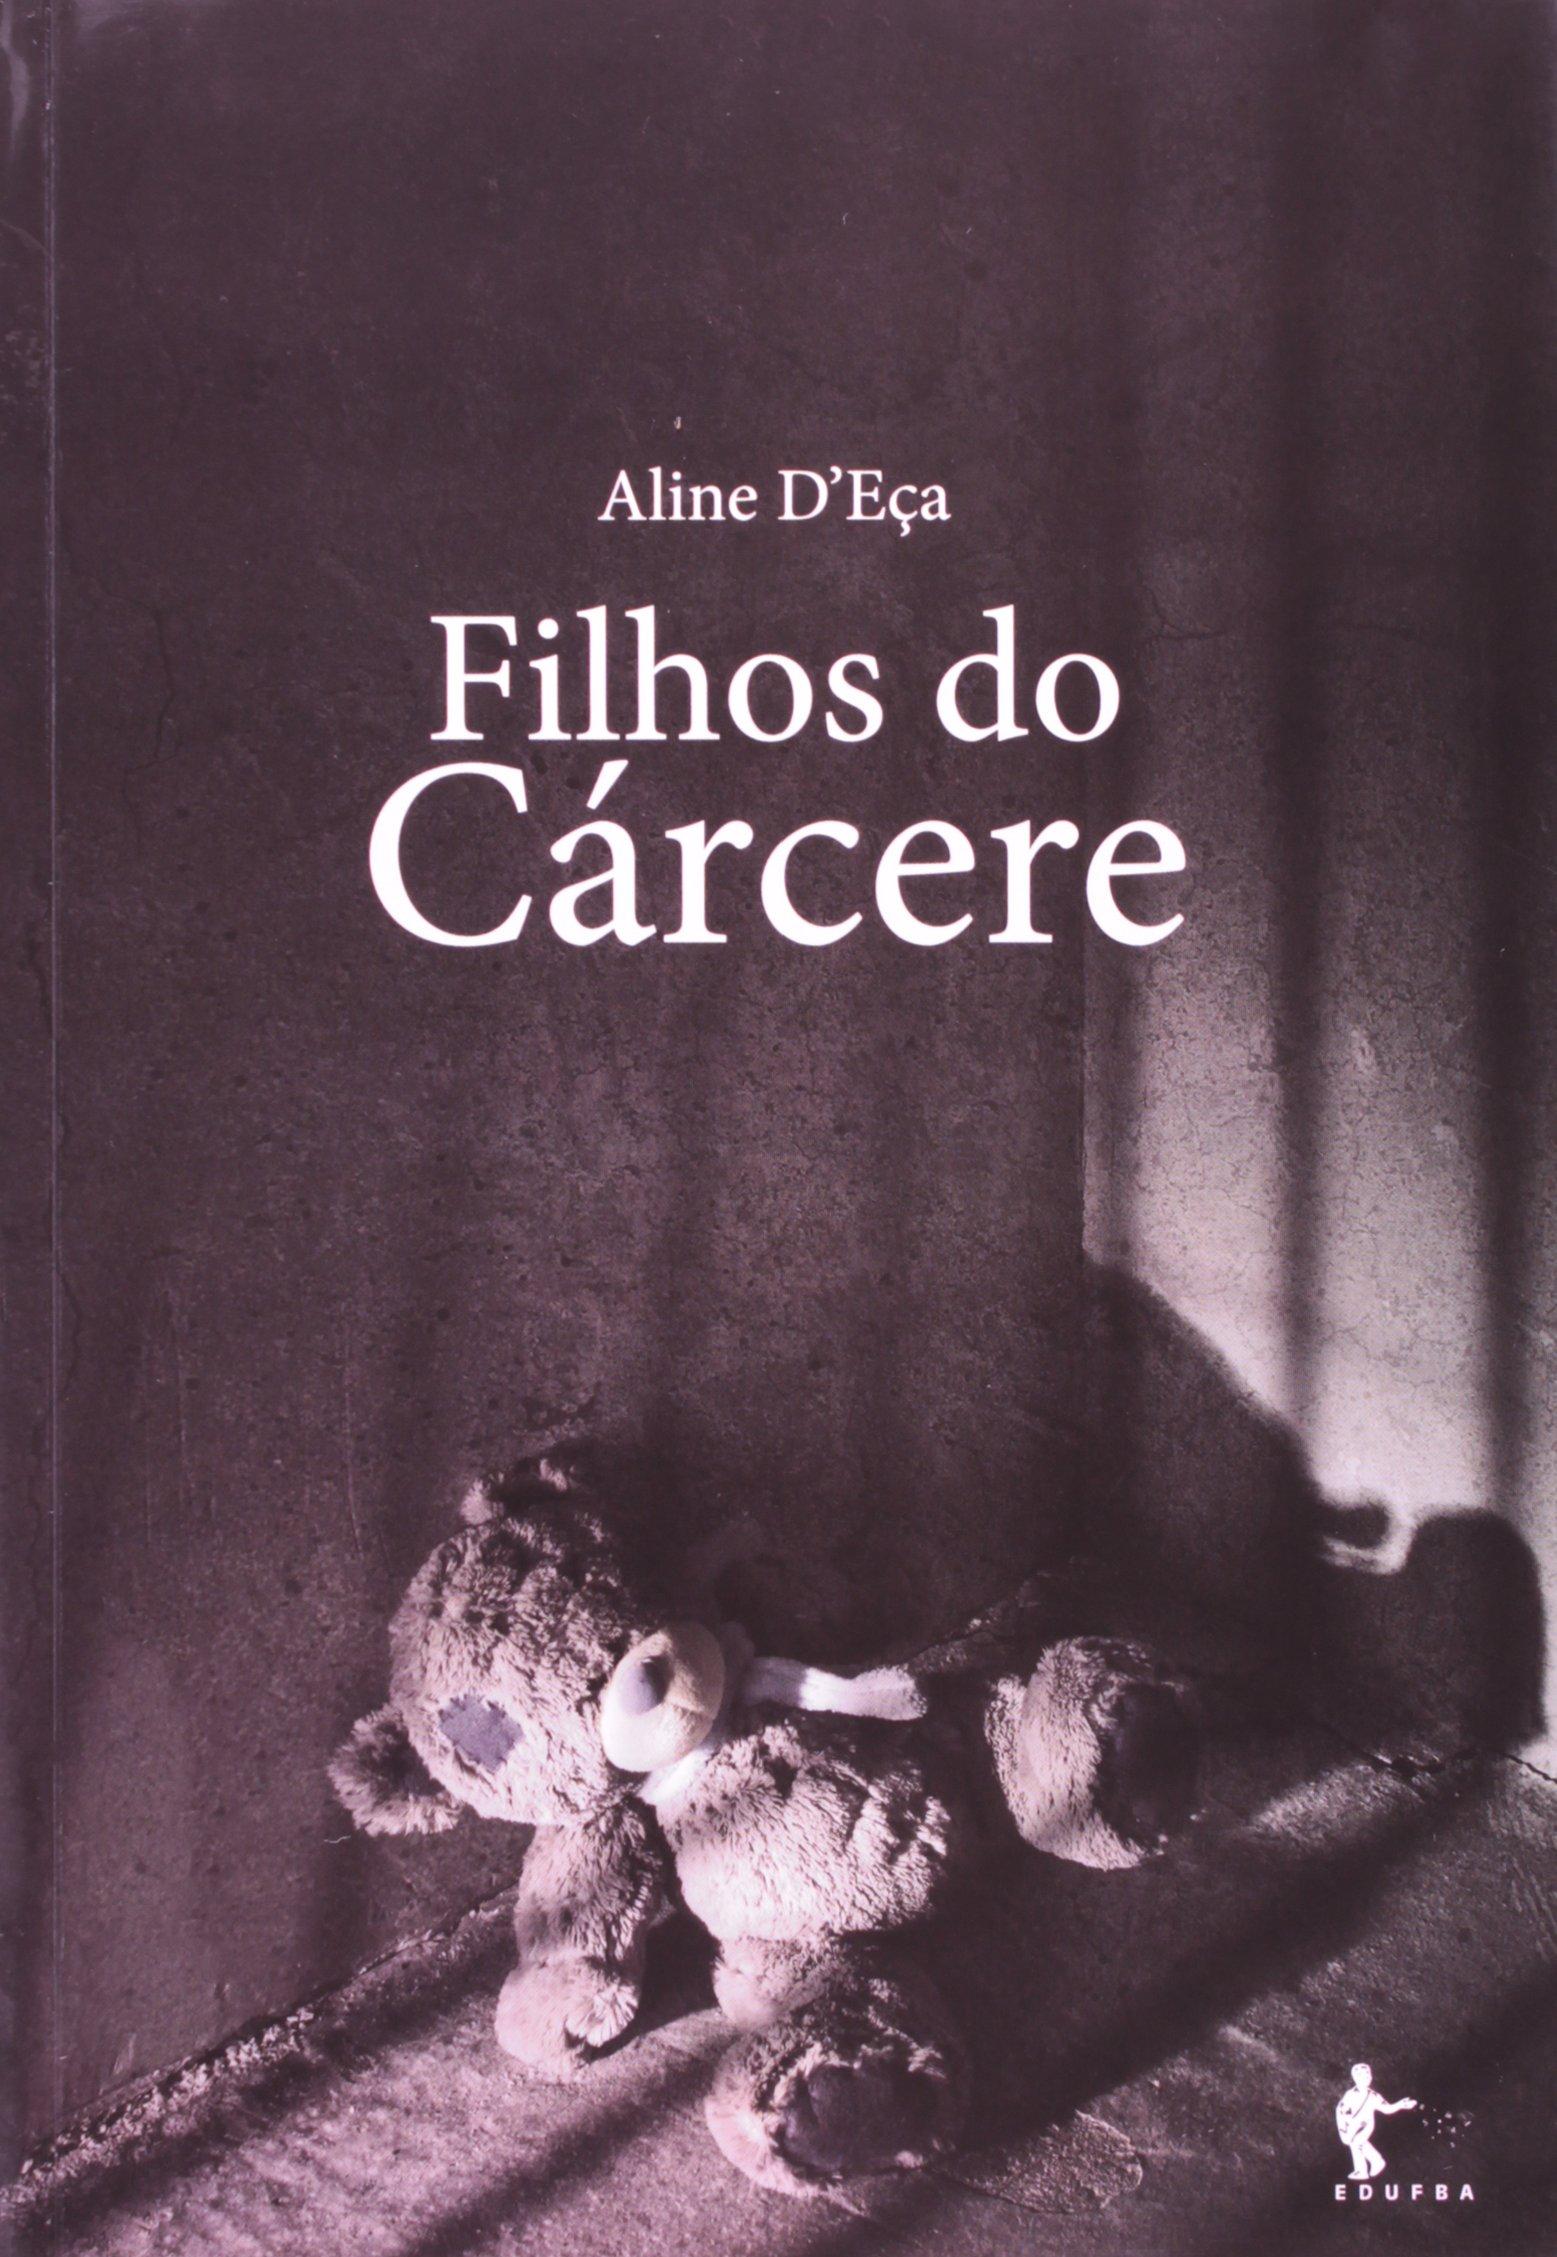 Filhos do Cárcere, livro de Aline D'Eça